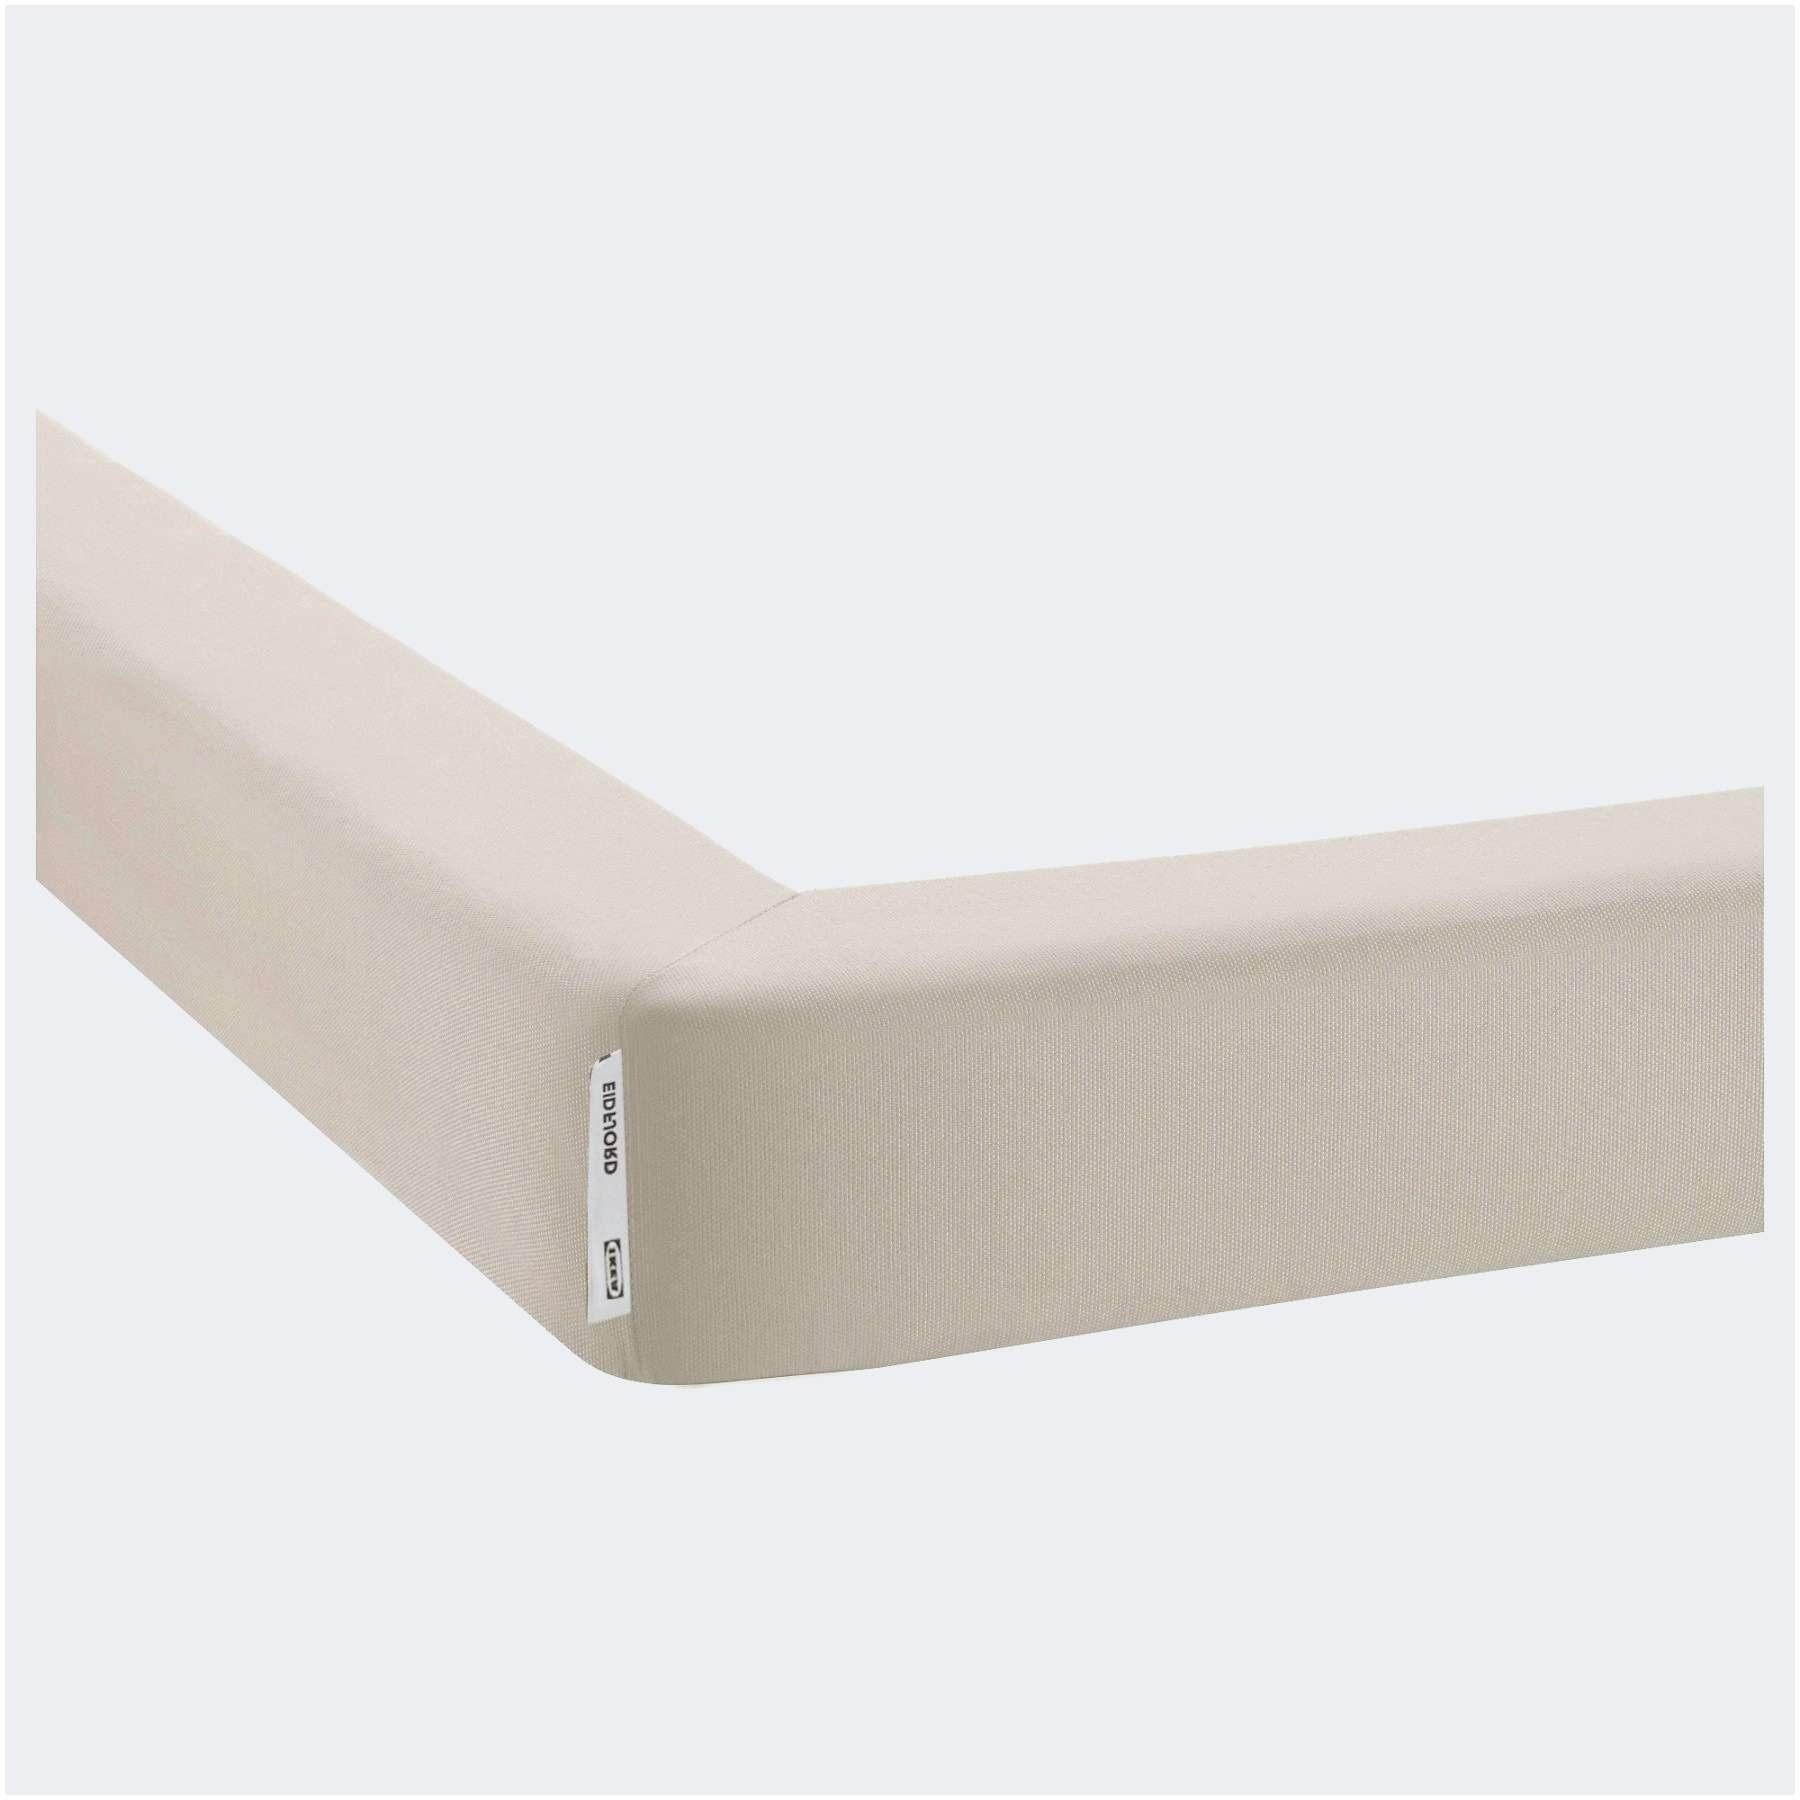 Linge De Lit Satin Magnifique Nouveau Draps Housse Ikea Luxe S Matelas 180—200 Ikea Affordable